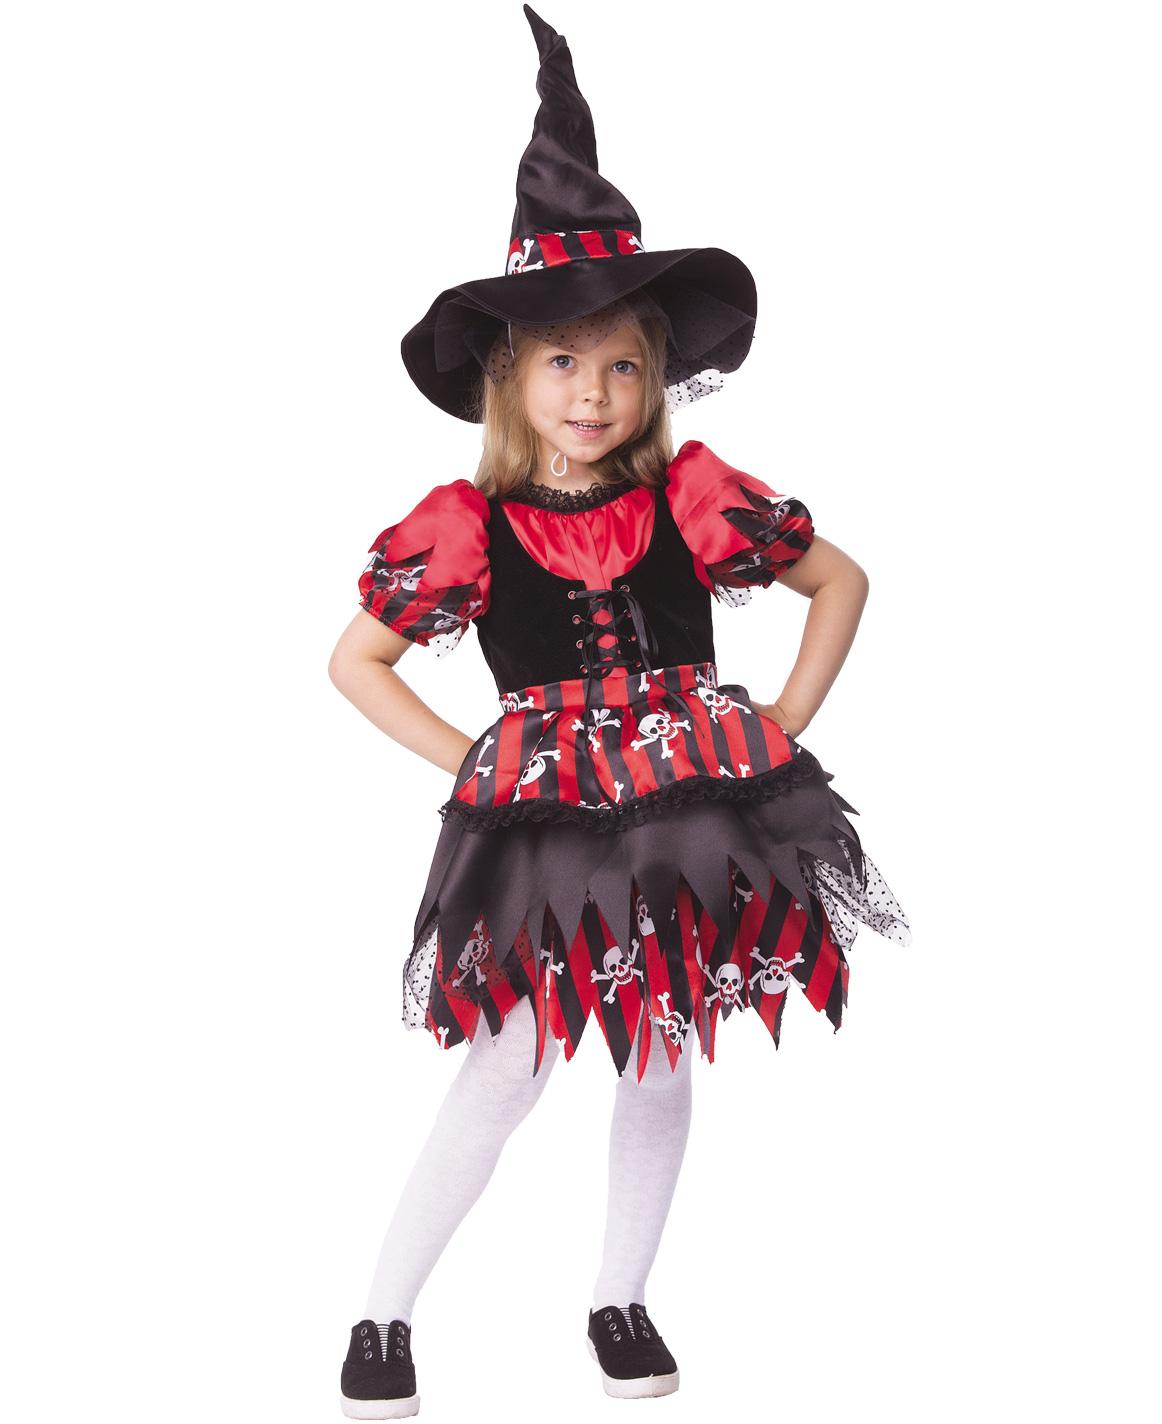 Купить Карнавальный костюм Batik пуговка. Ведьмочка, размер 122-64, арт. 2064 к-19,